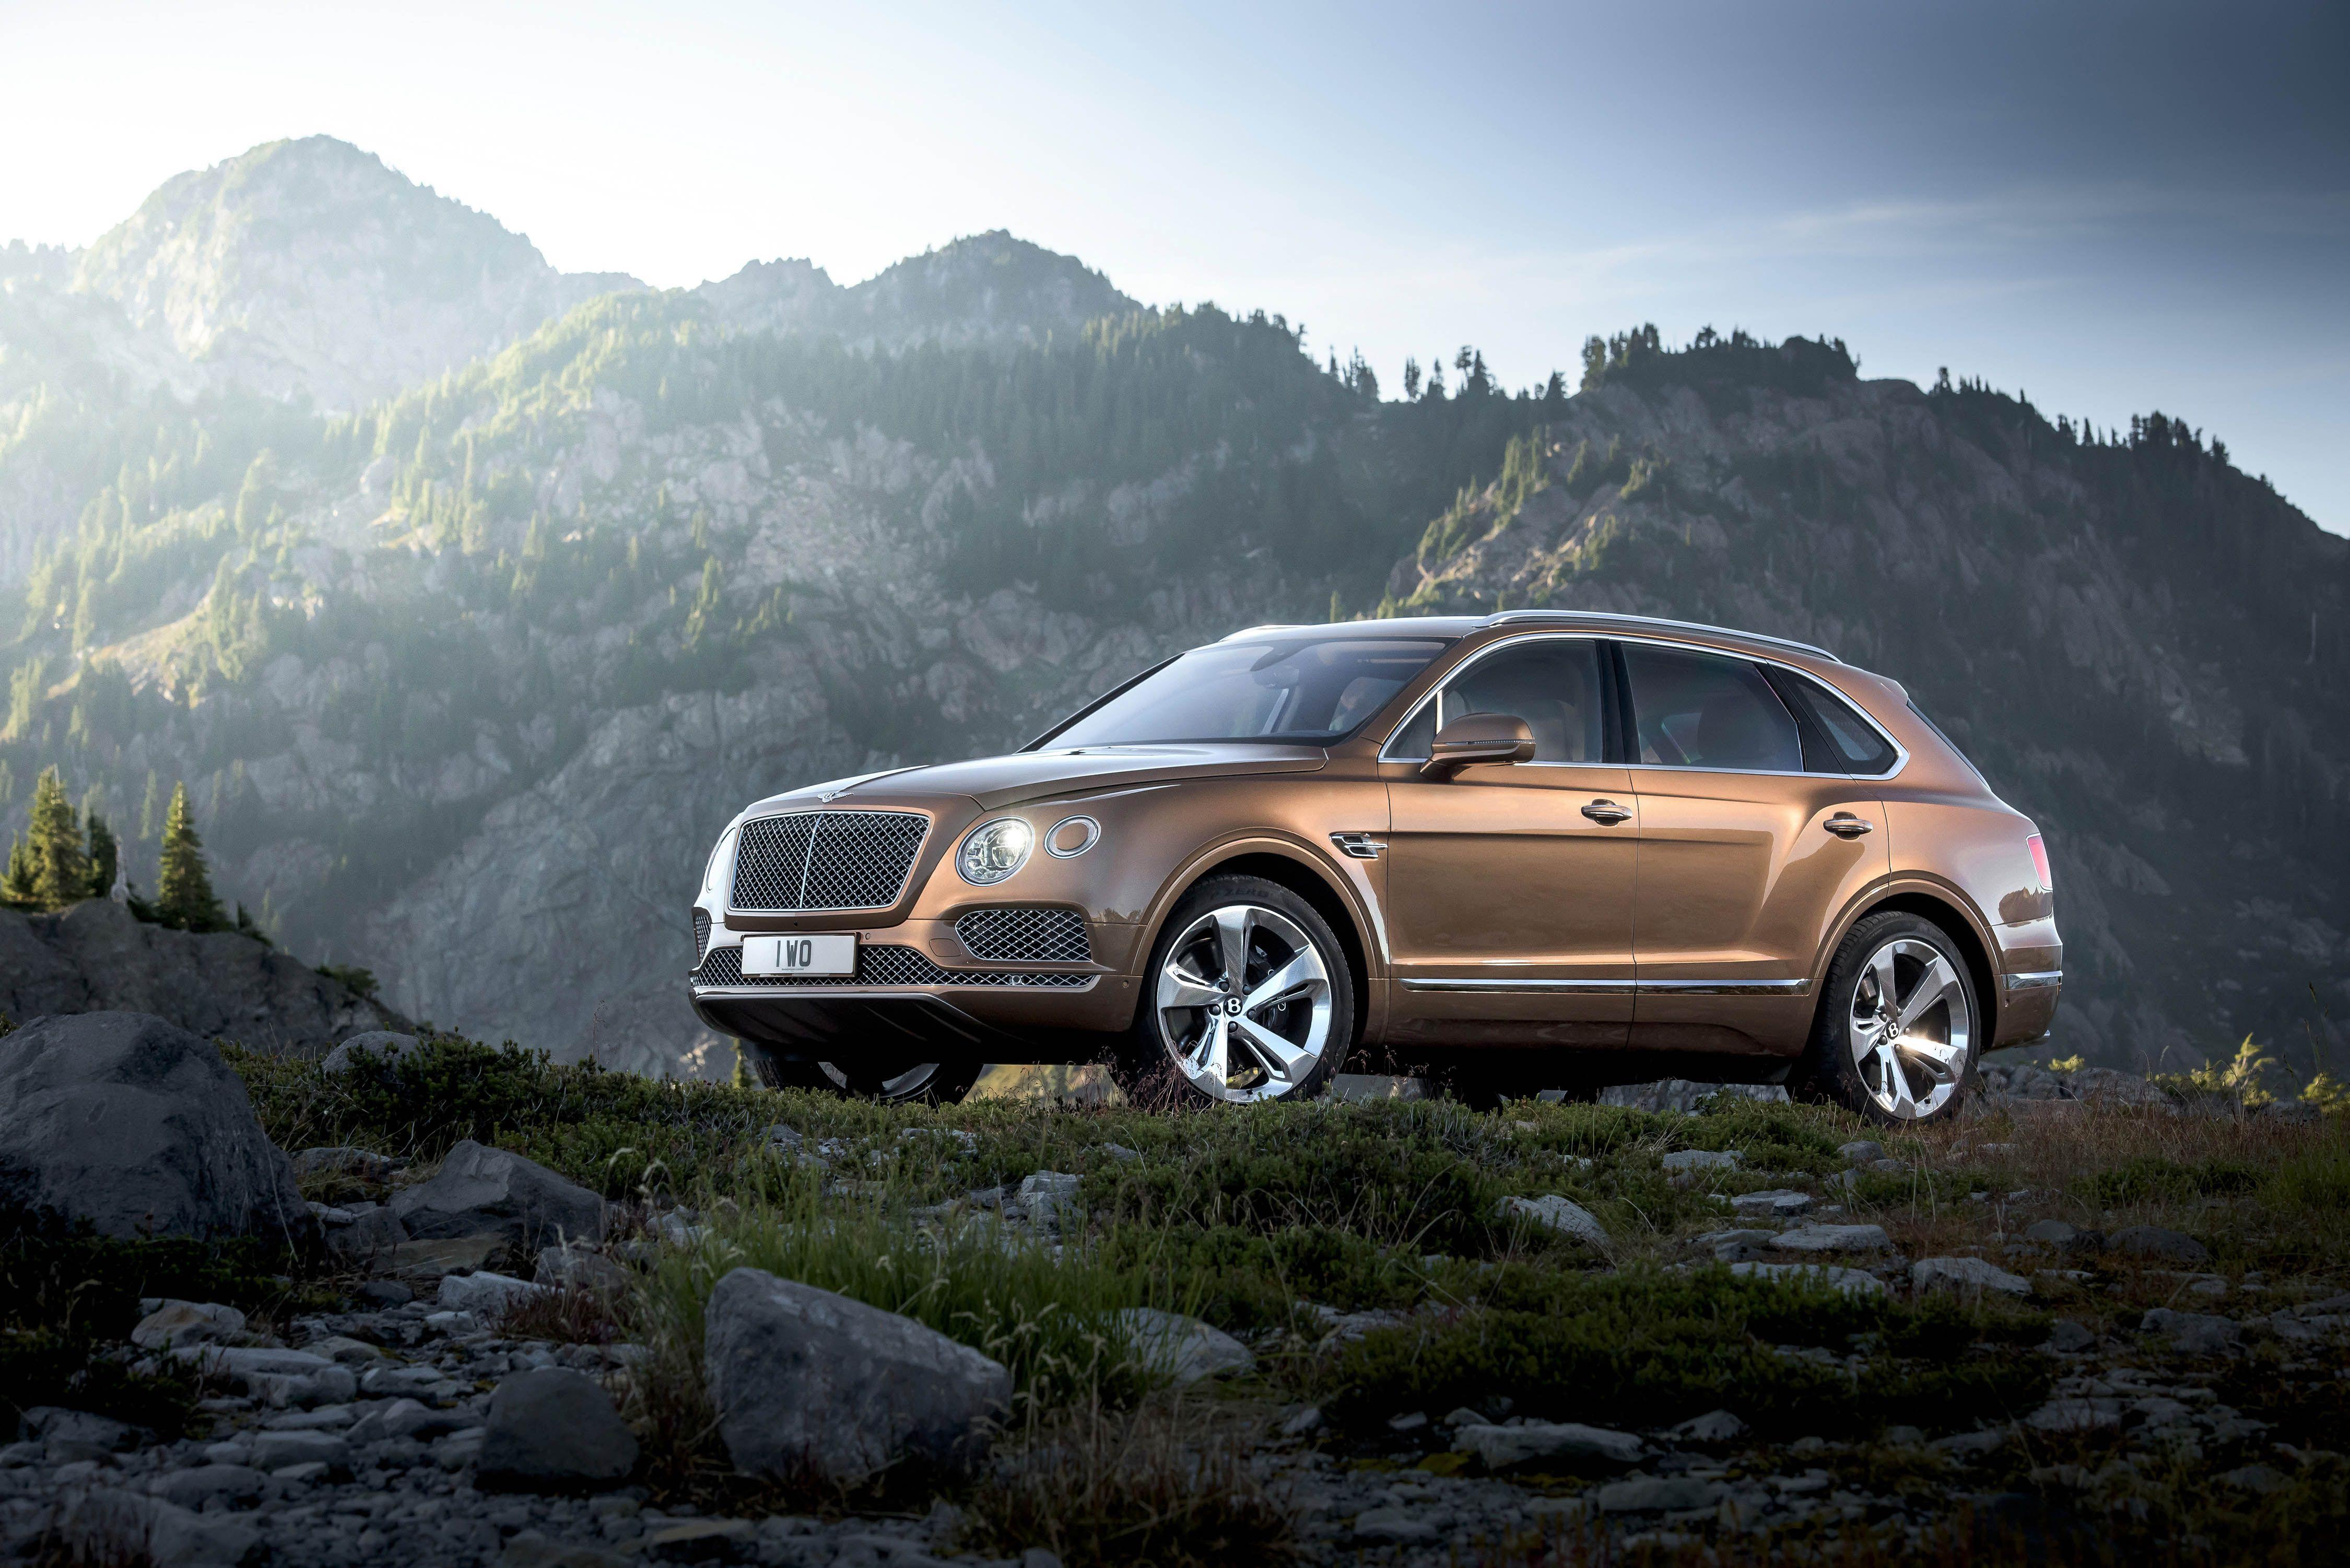 Bentley presenteert Bentayga SUV met een leugen